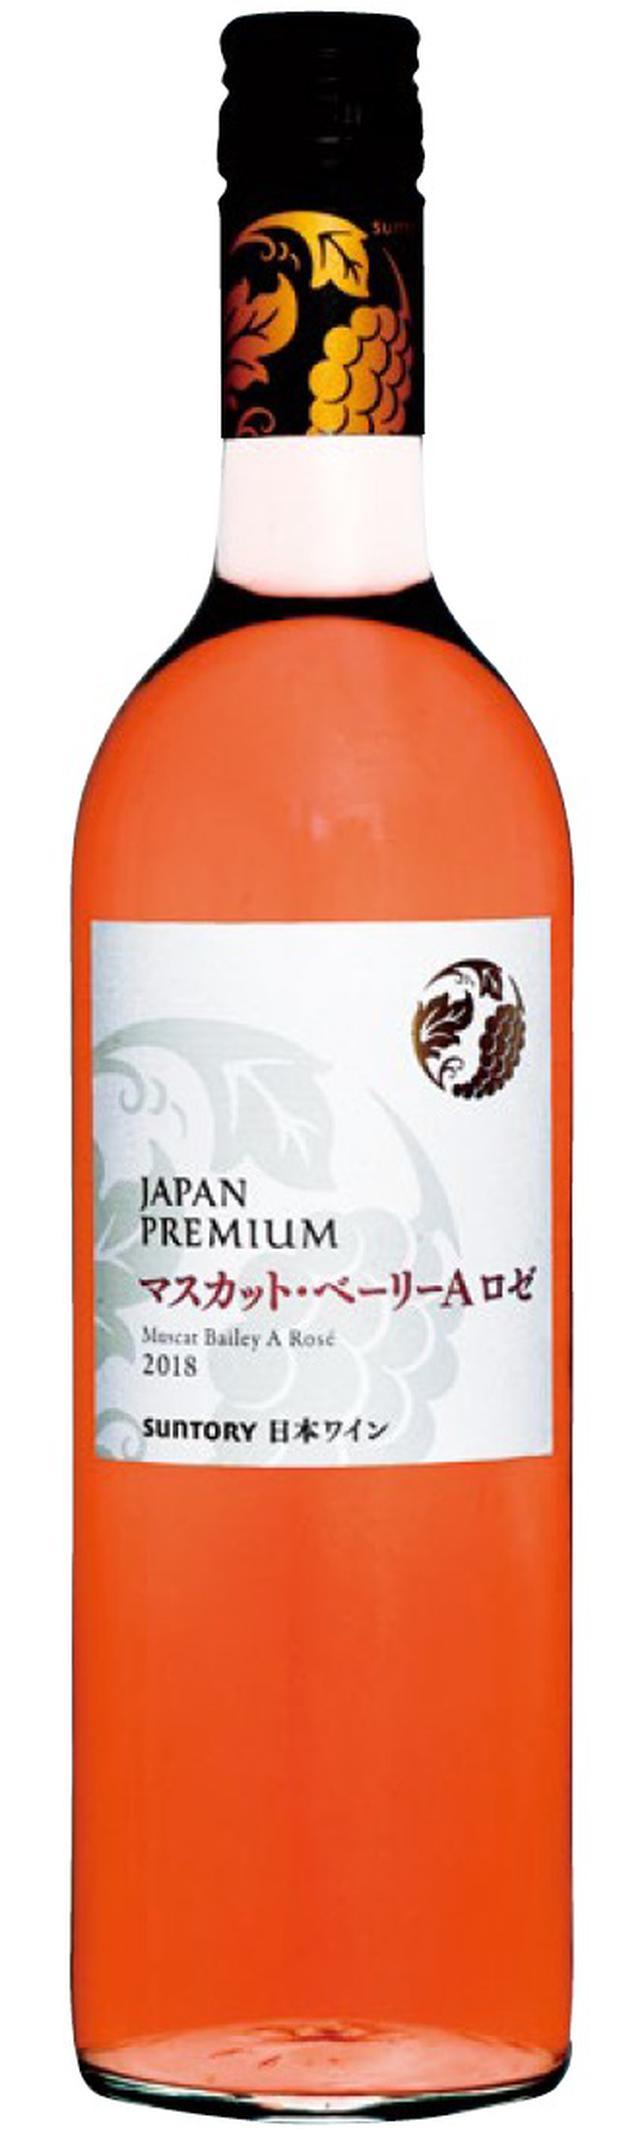 画像1: ワイン王国 2020年7月号/No.117 お勧め5ツ星の買える店(1000円台で見つけた日本ワイン)